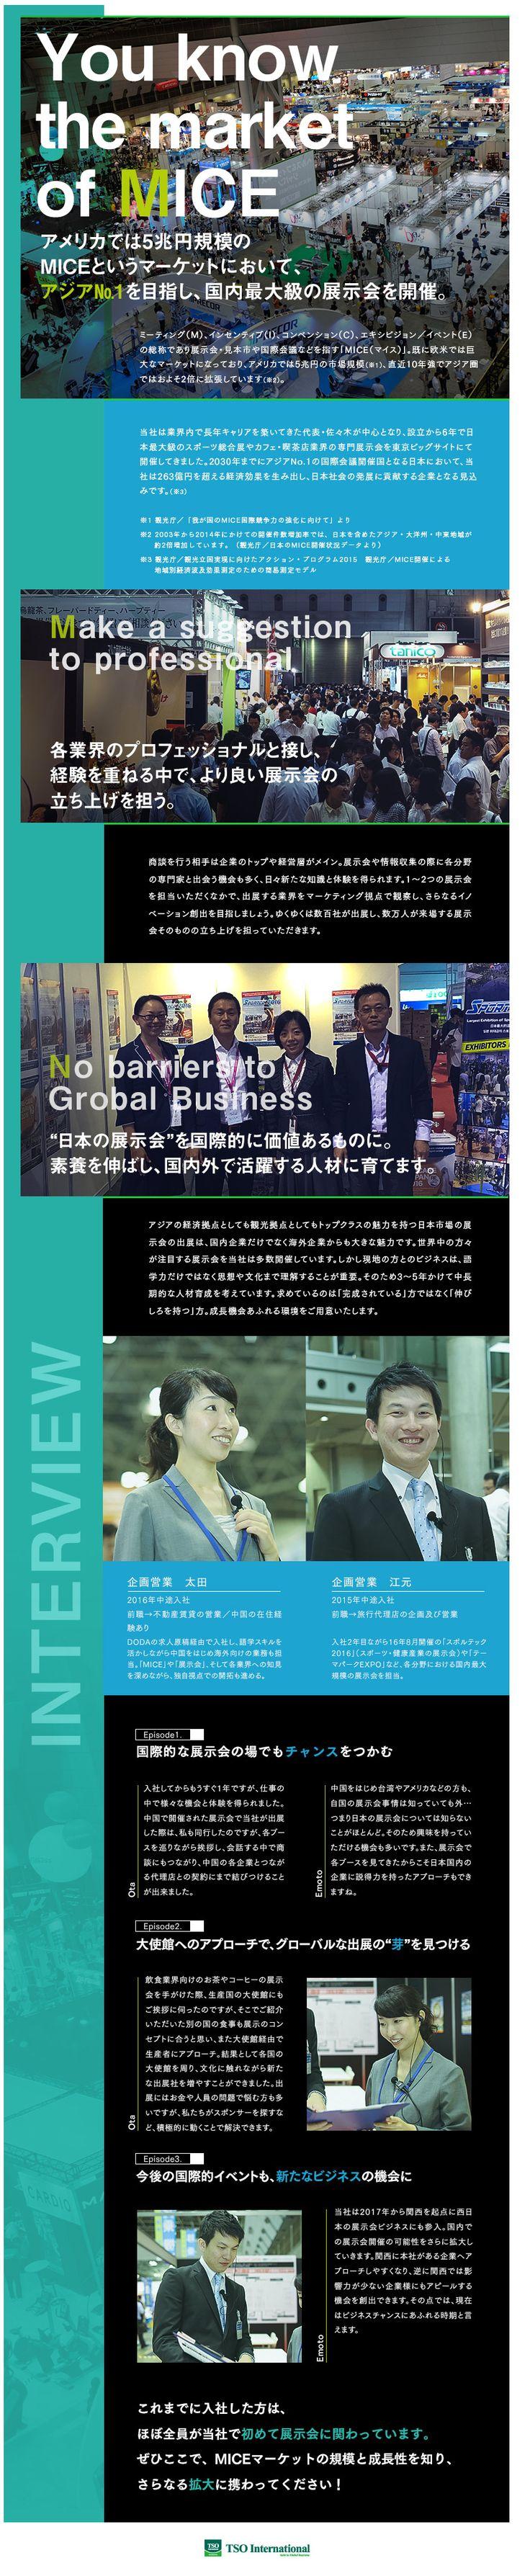 TSO International株式会社/東京ビッグサイトなどで開催される国際展示会の企画営業/海外での顧客折衝などで語学力を活かせますの求人PR - 転職ならDODA(デューダ)